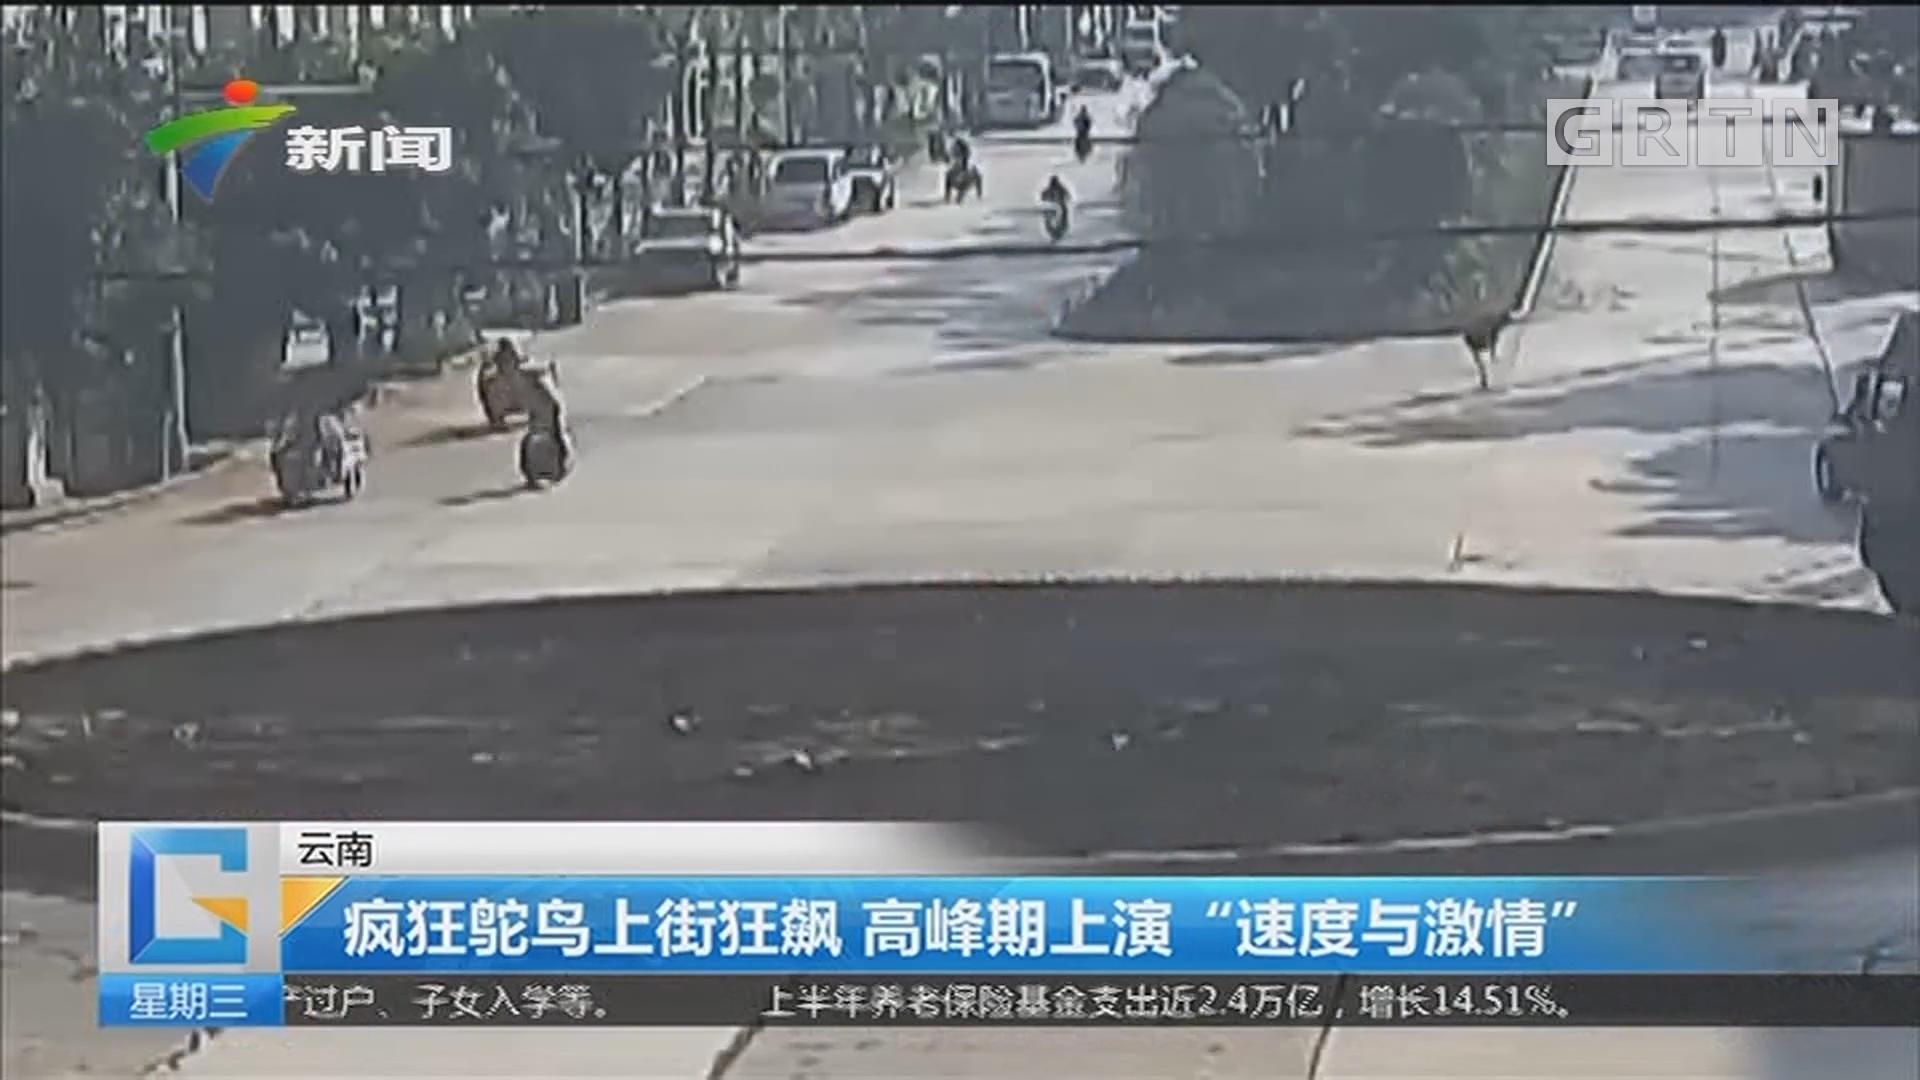 """云南:疯狂鸵鸟上街狂飙 高峰期上演""""速度与激情"""""""